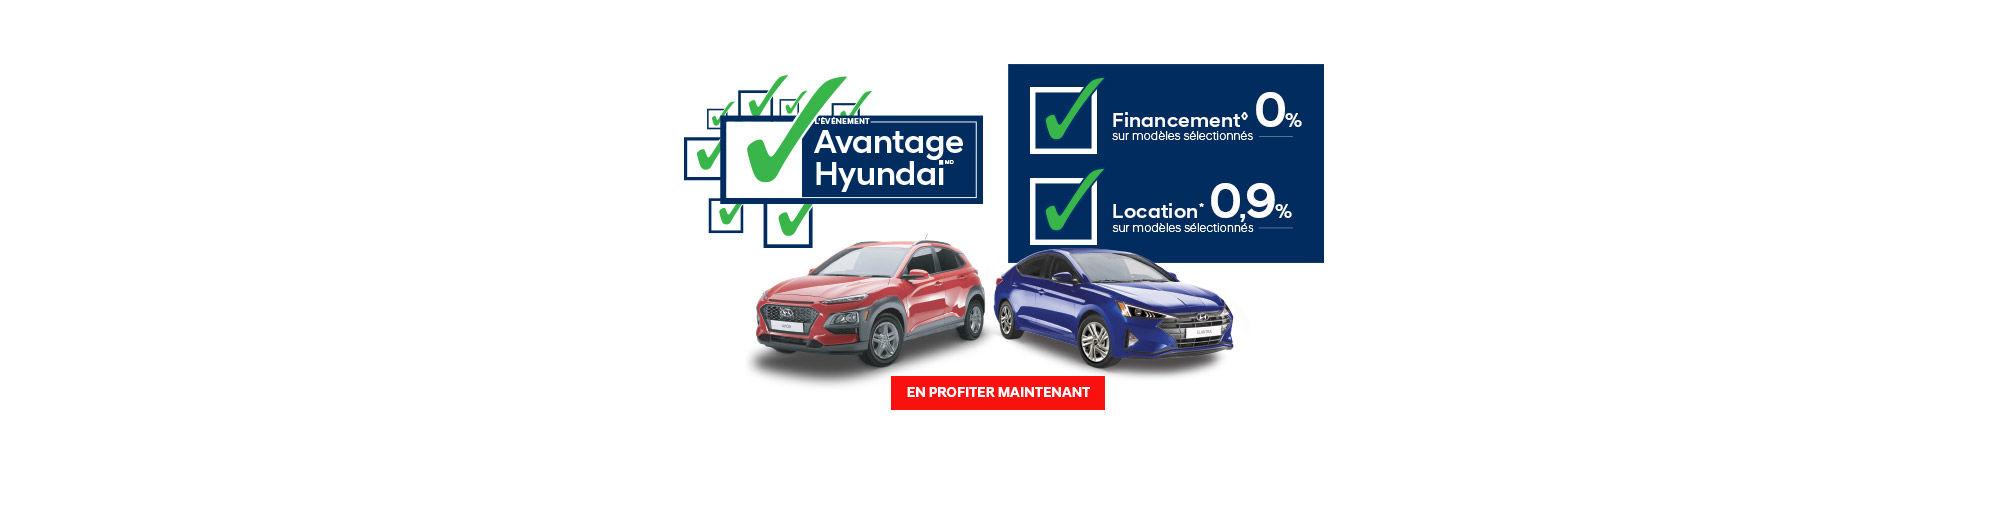 Main Header Hyundai- mars 2019 Avantage Hyundai